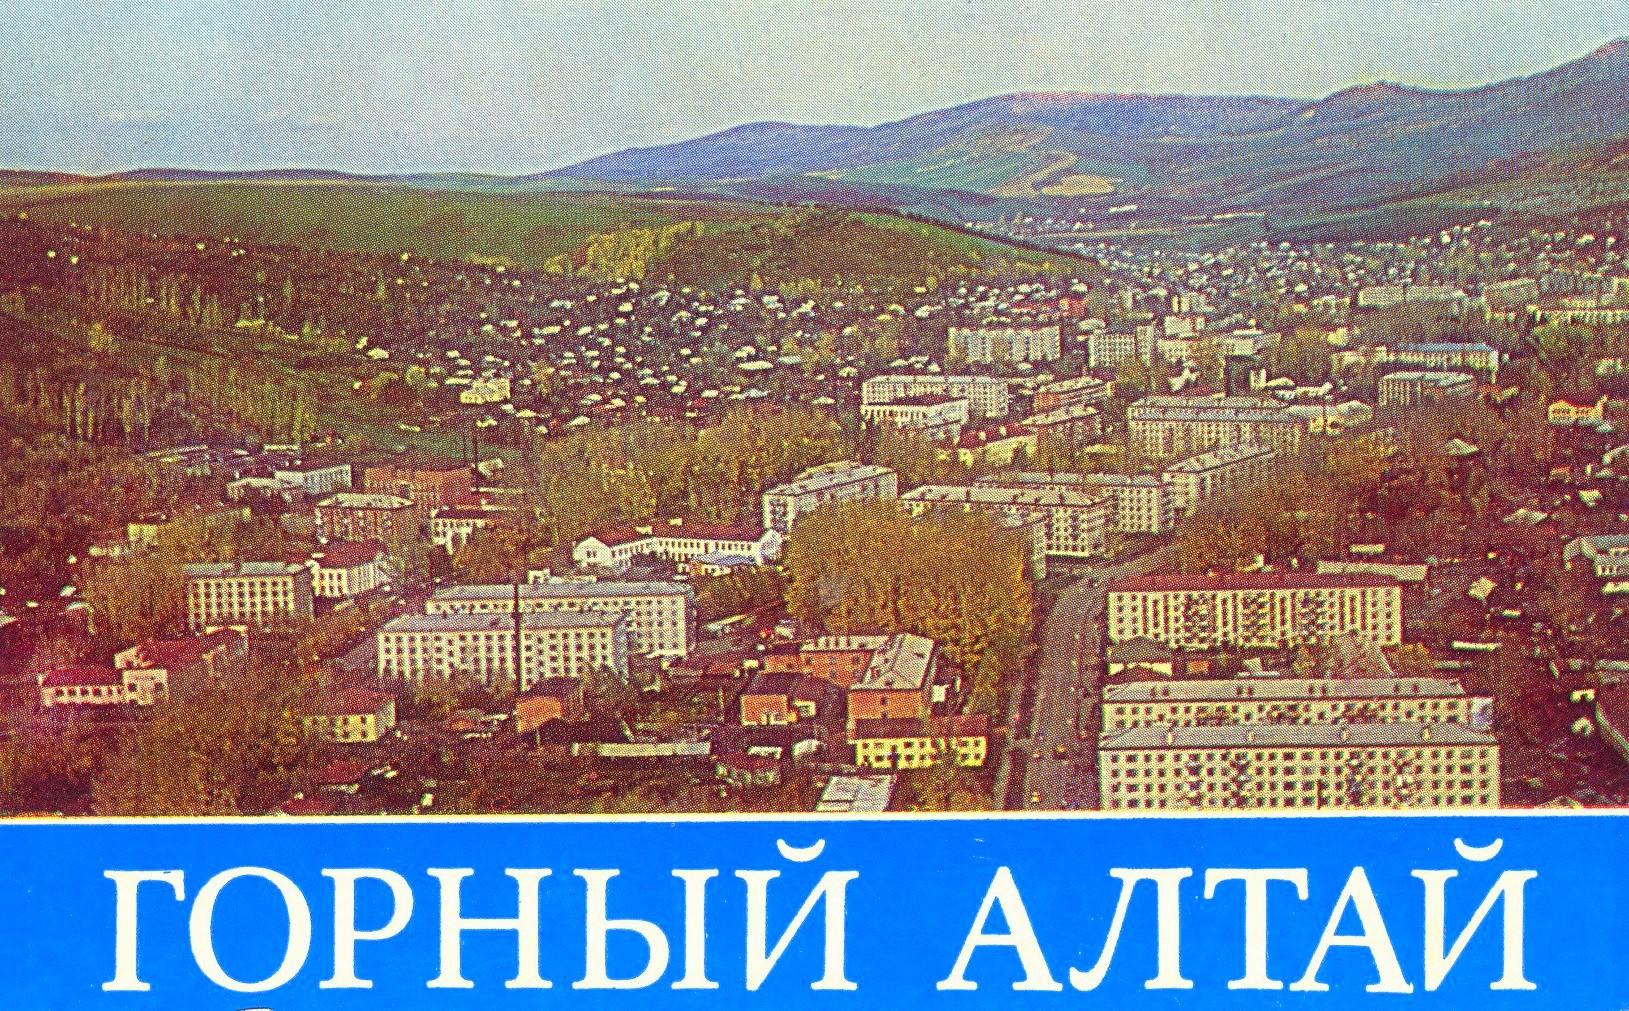 ZAVODFOTO / История городов России в фотографиях: Горный Алтай в 1985 году